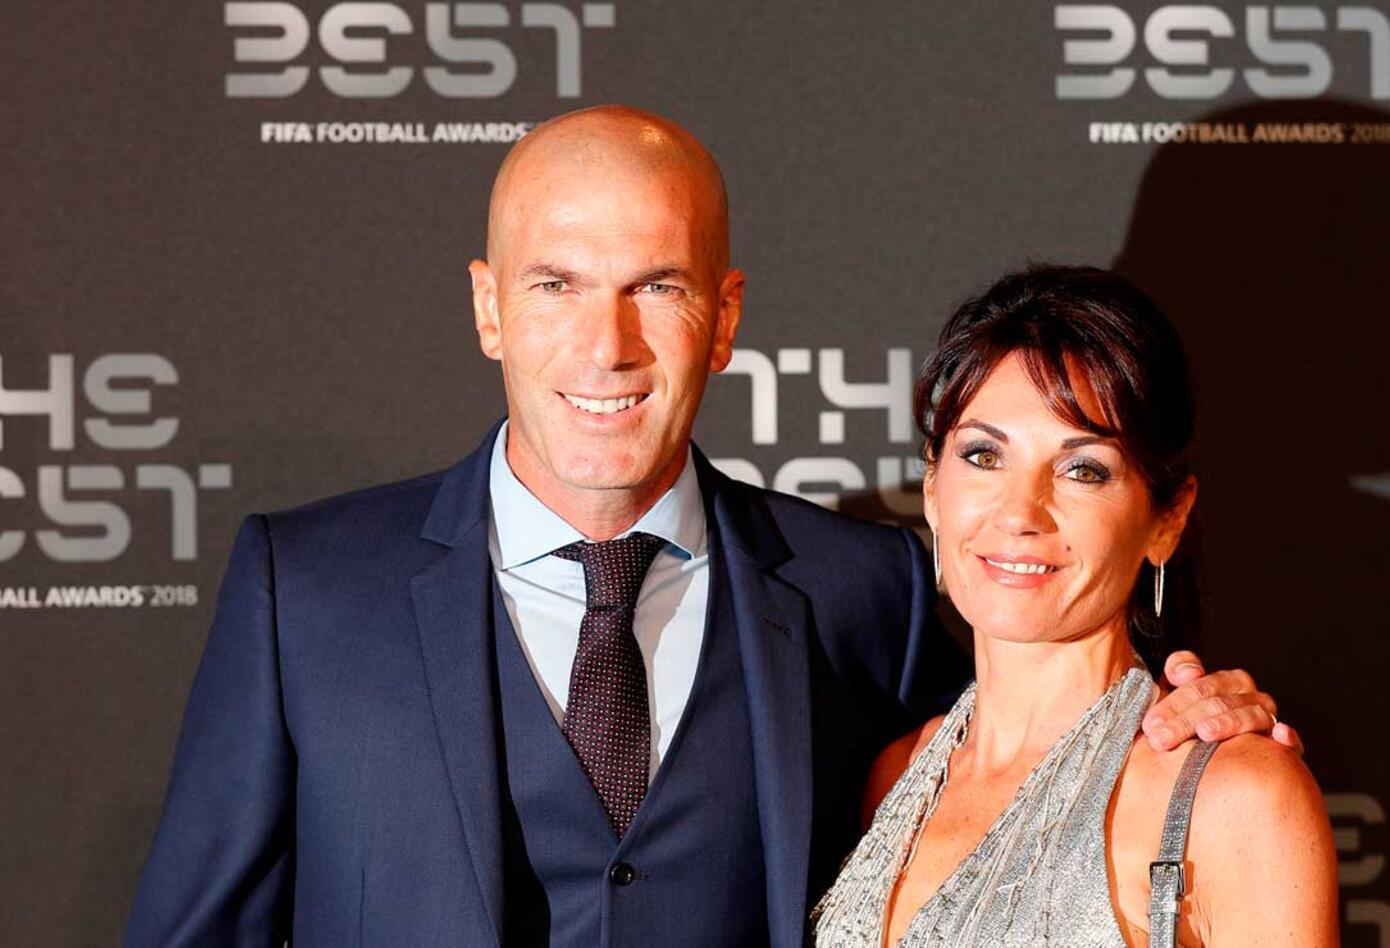 El técnico Zinedine Zidane junto a su esposa antes de iniciar la gala de los premios The Best organizada por la FIFA